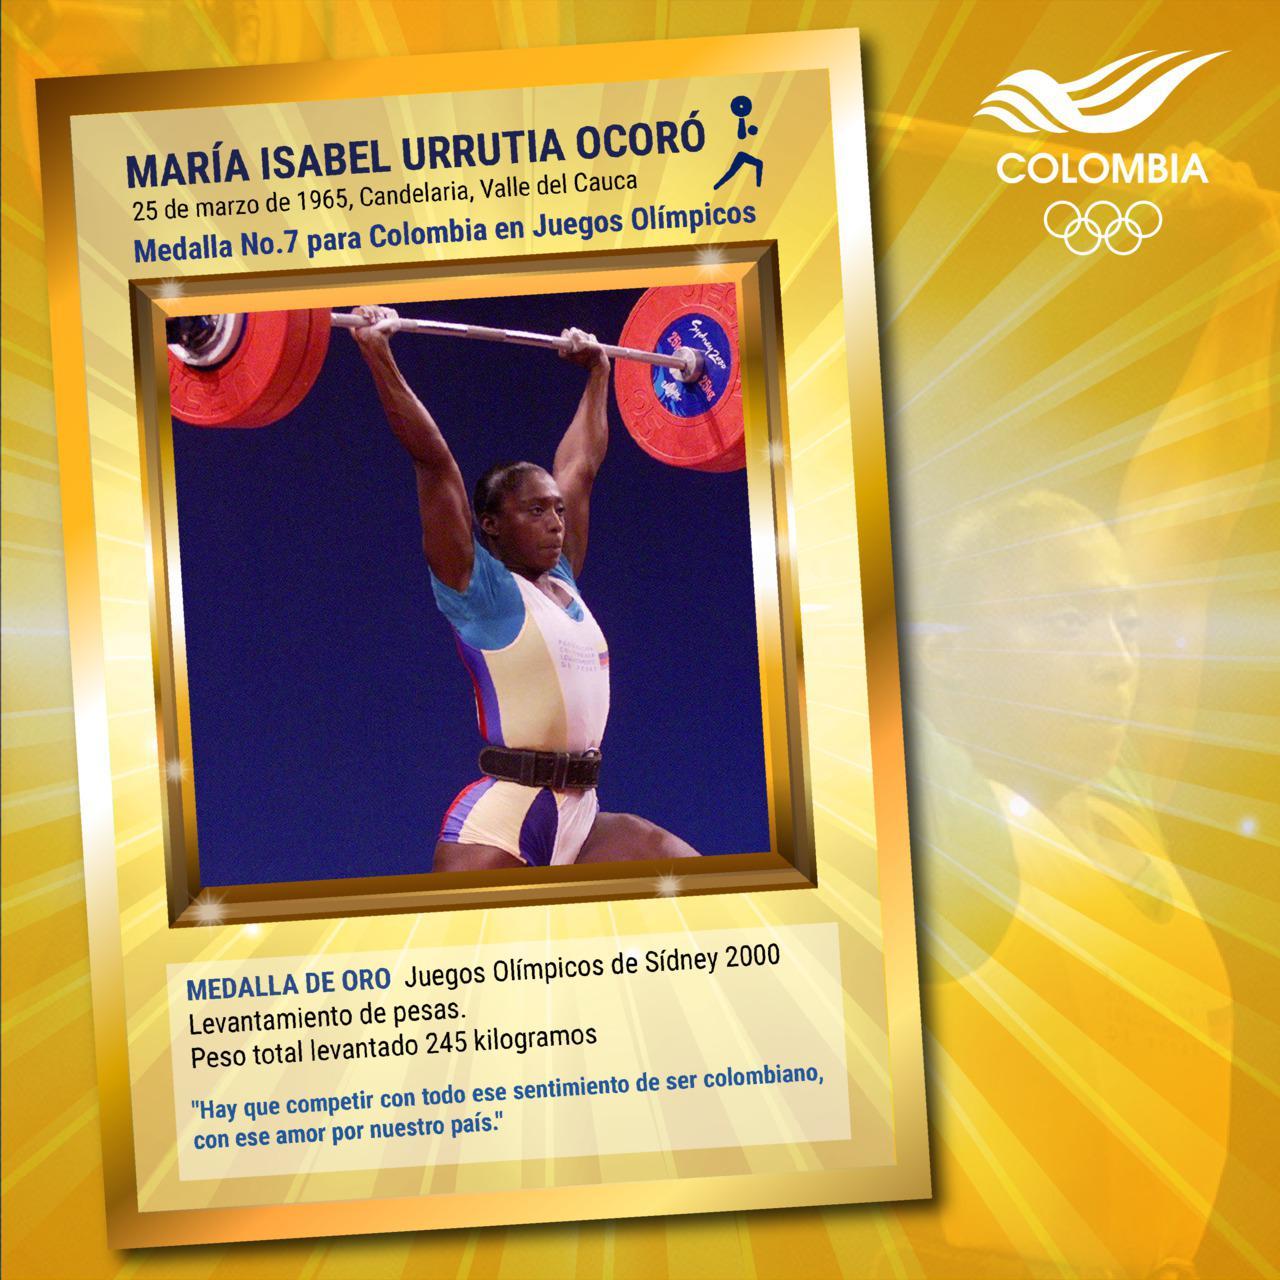 María Isabel Urrutia